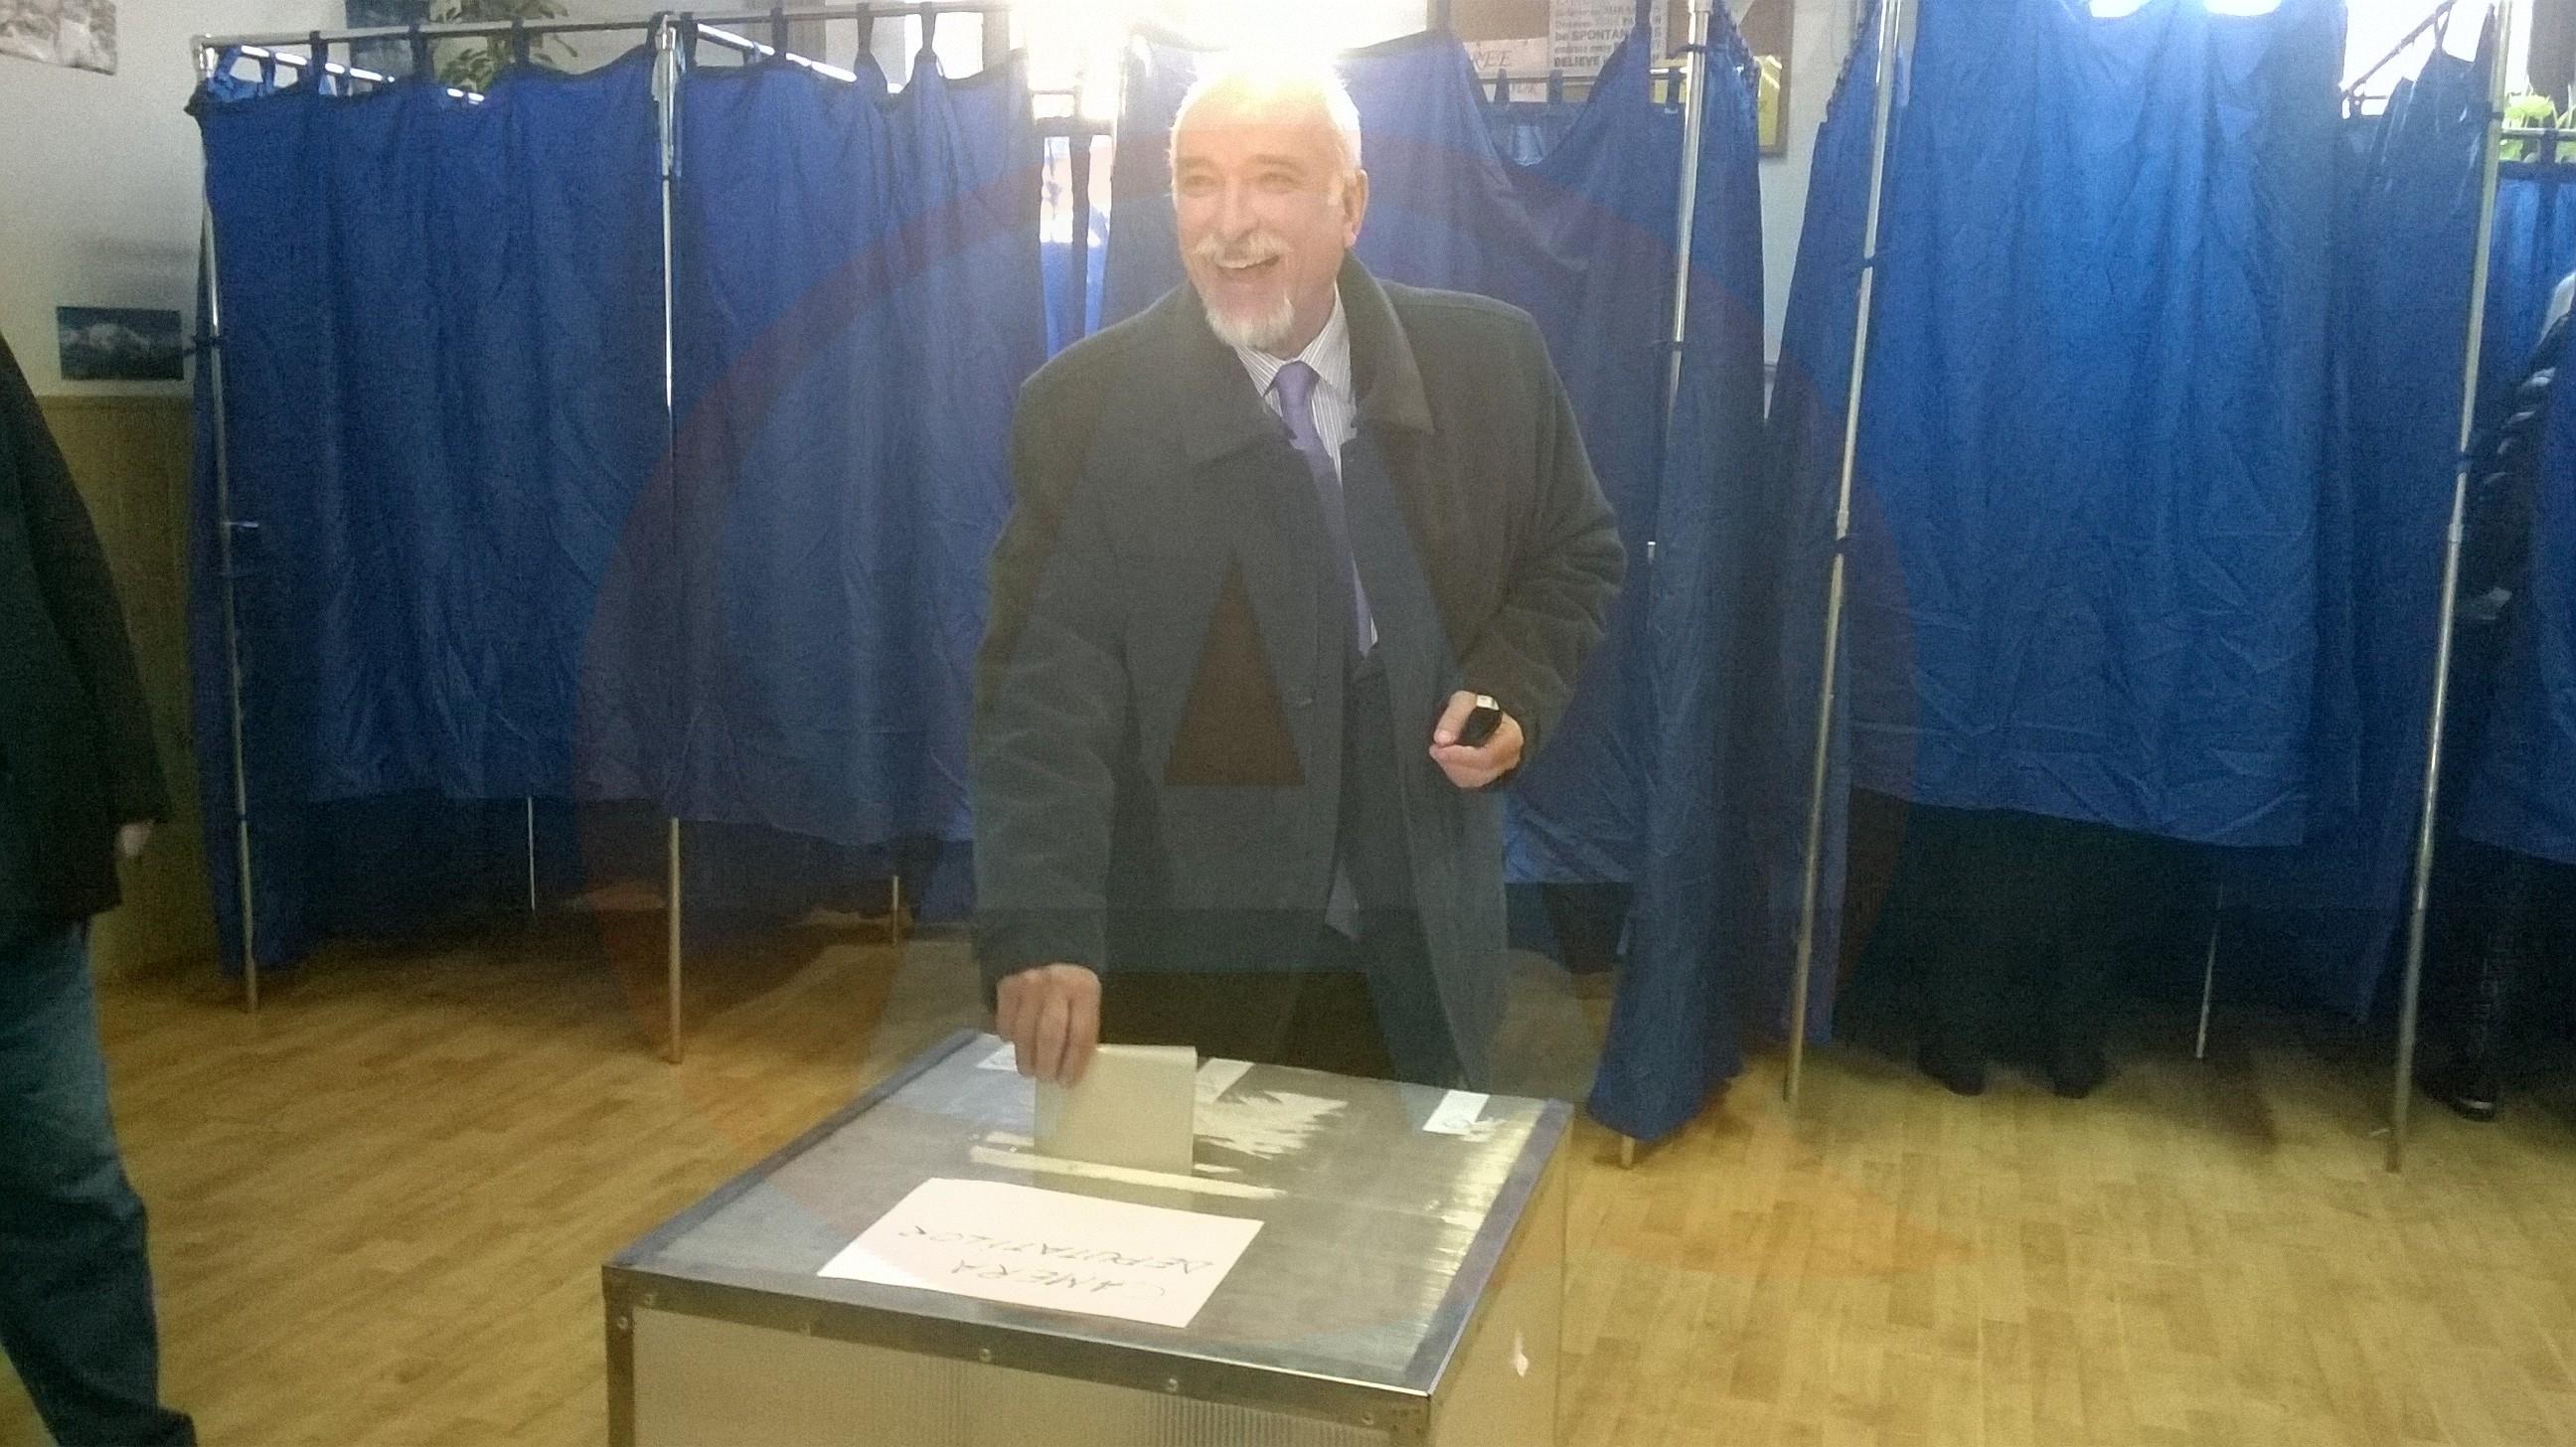 Ziua votului: Declaratie senator Filipescu